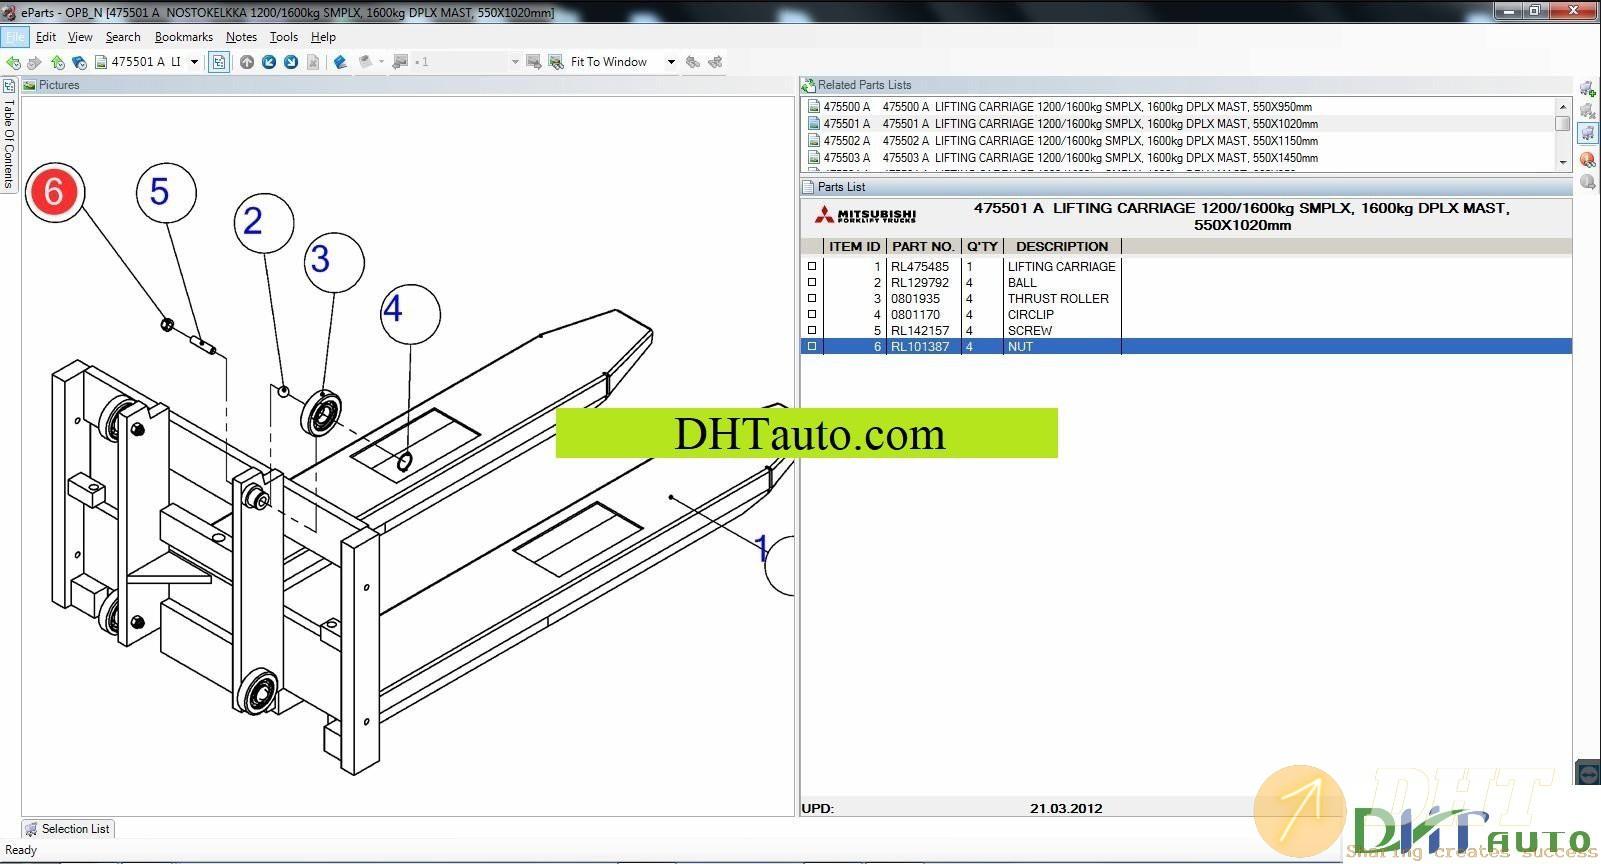 Mitsubishi-Forklift-Trucks-Eparts-Version-5.10-06-2013-8.jpg